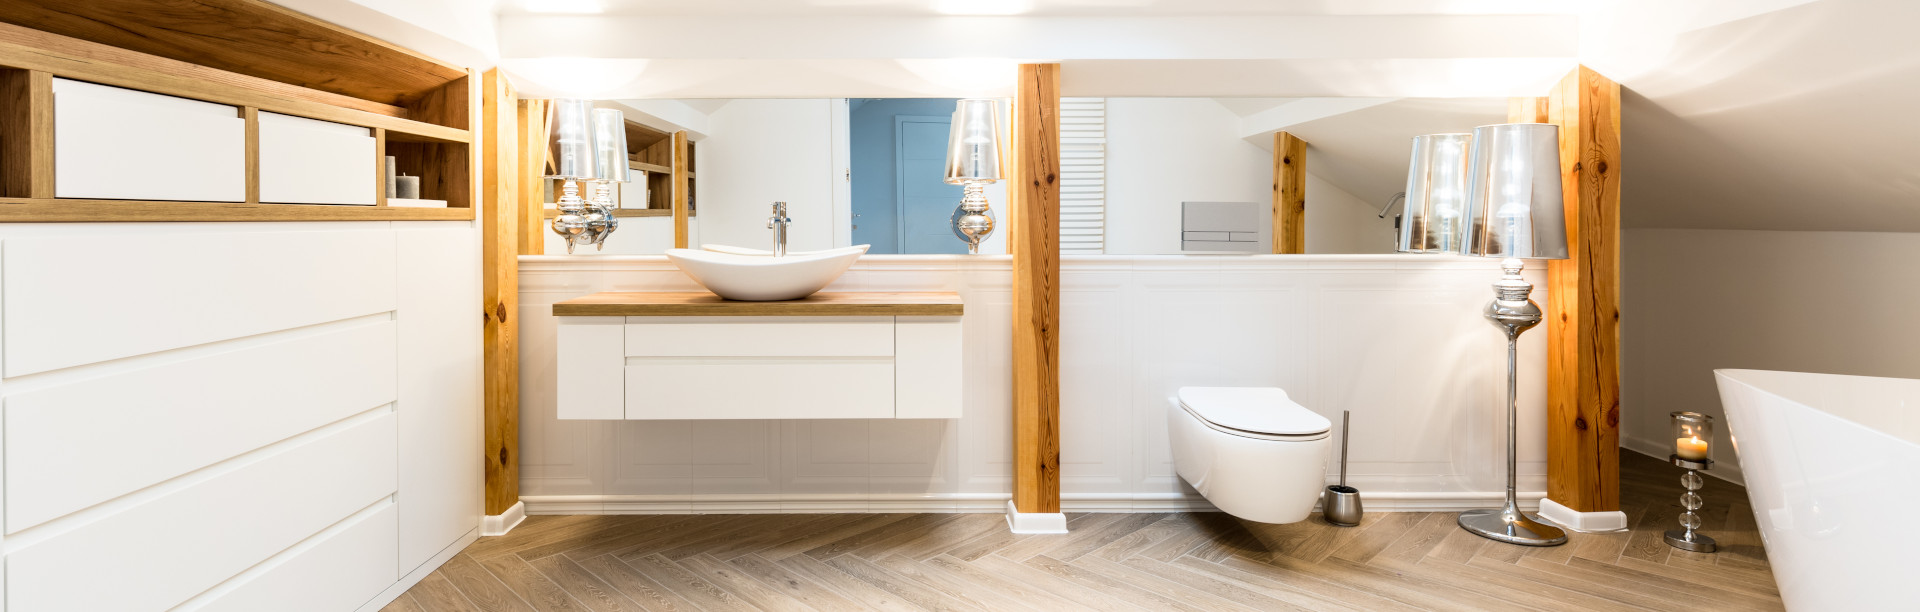 Regal nach Maß für Ihr Badezimmer planen